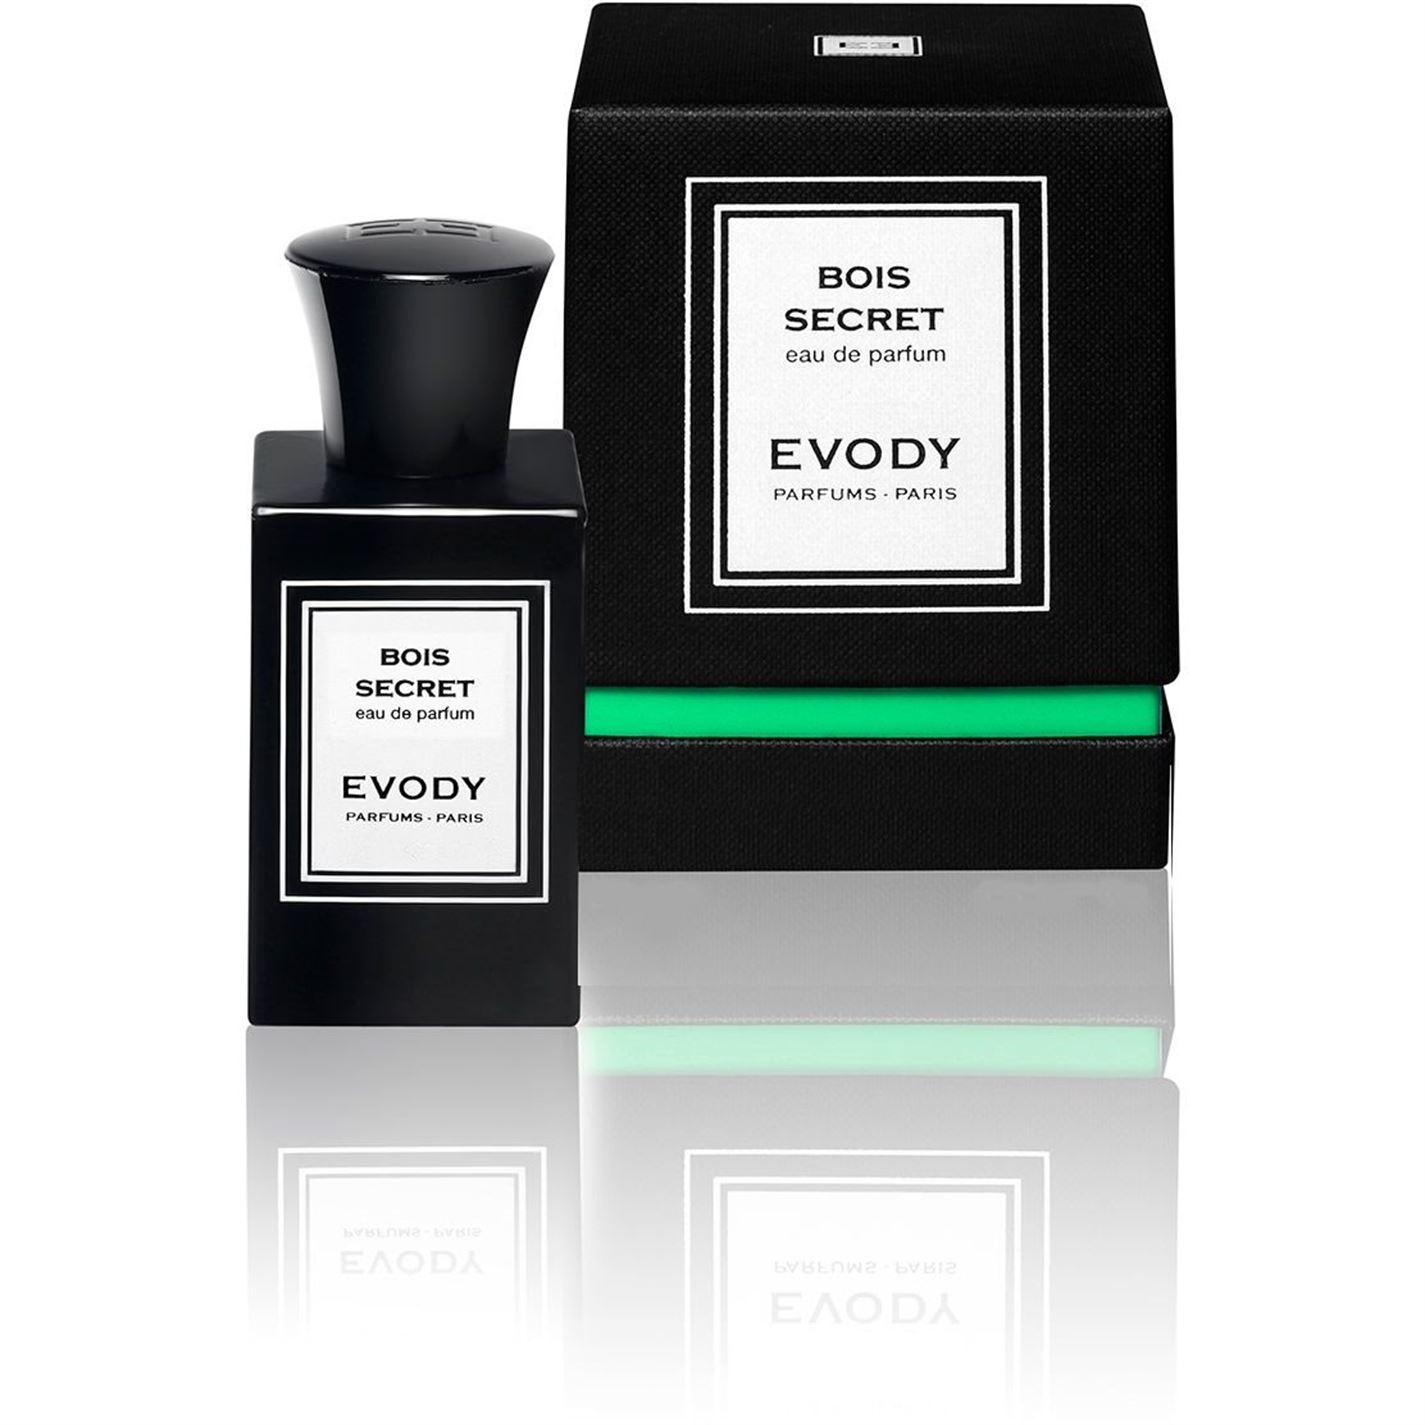 Evody Bois Secrets Eau de Parfum 50ml